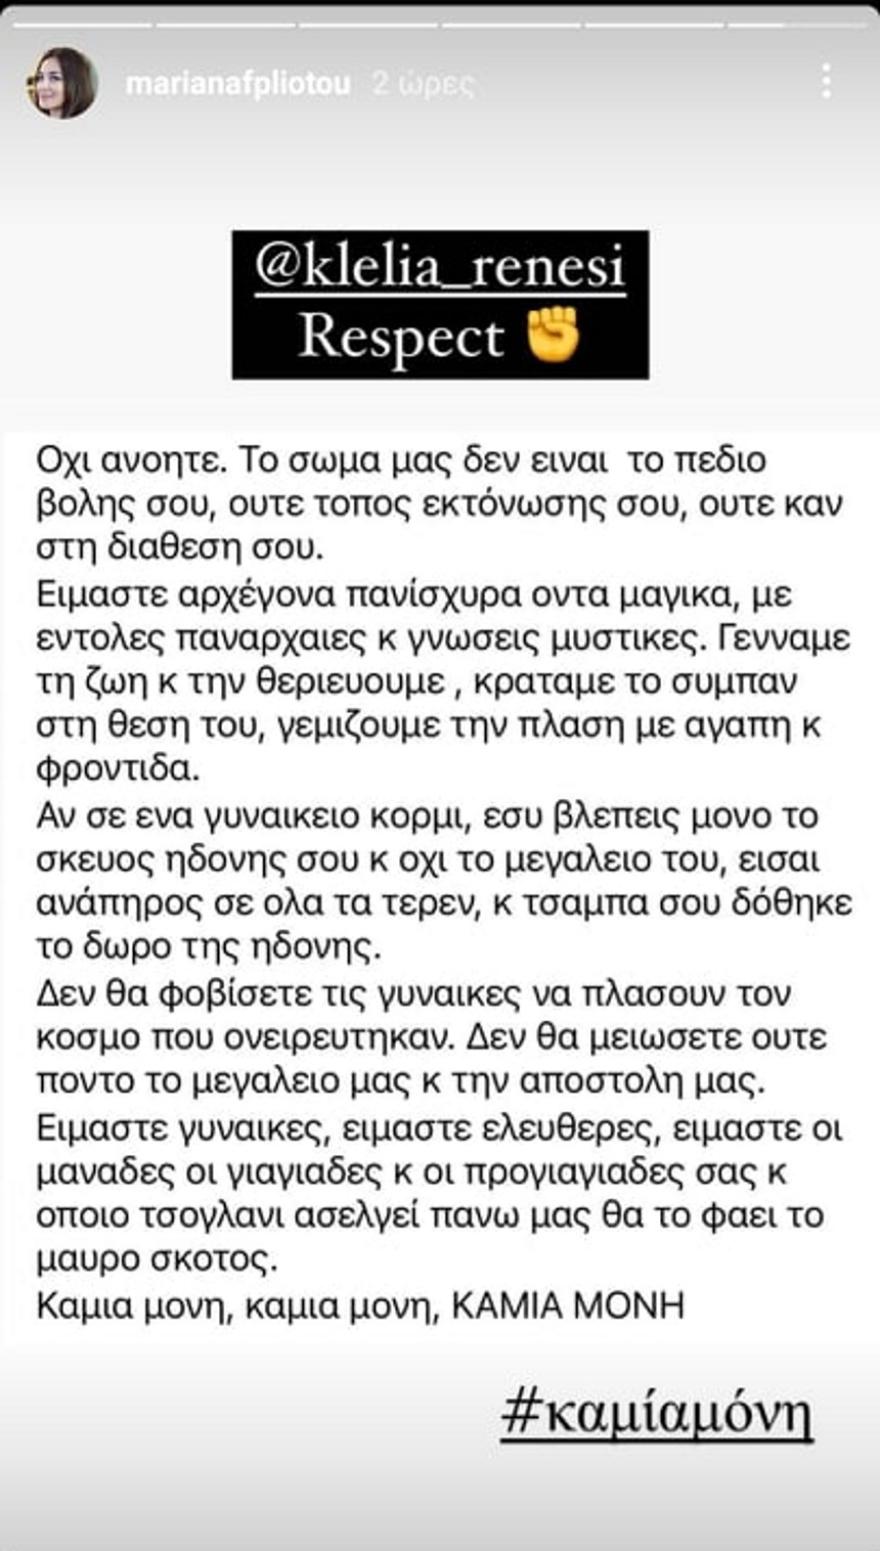 Maria_Nafpliotou